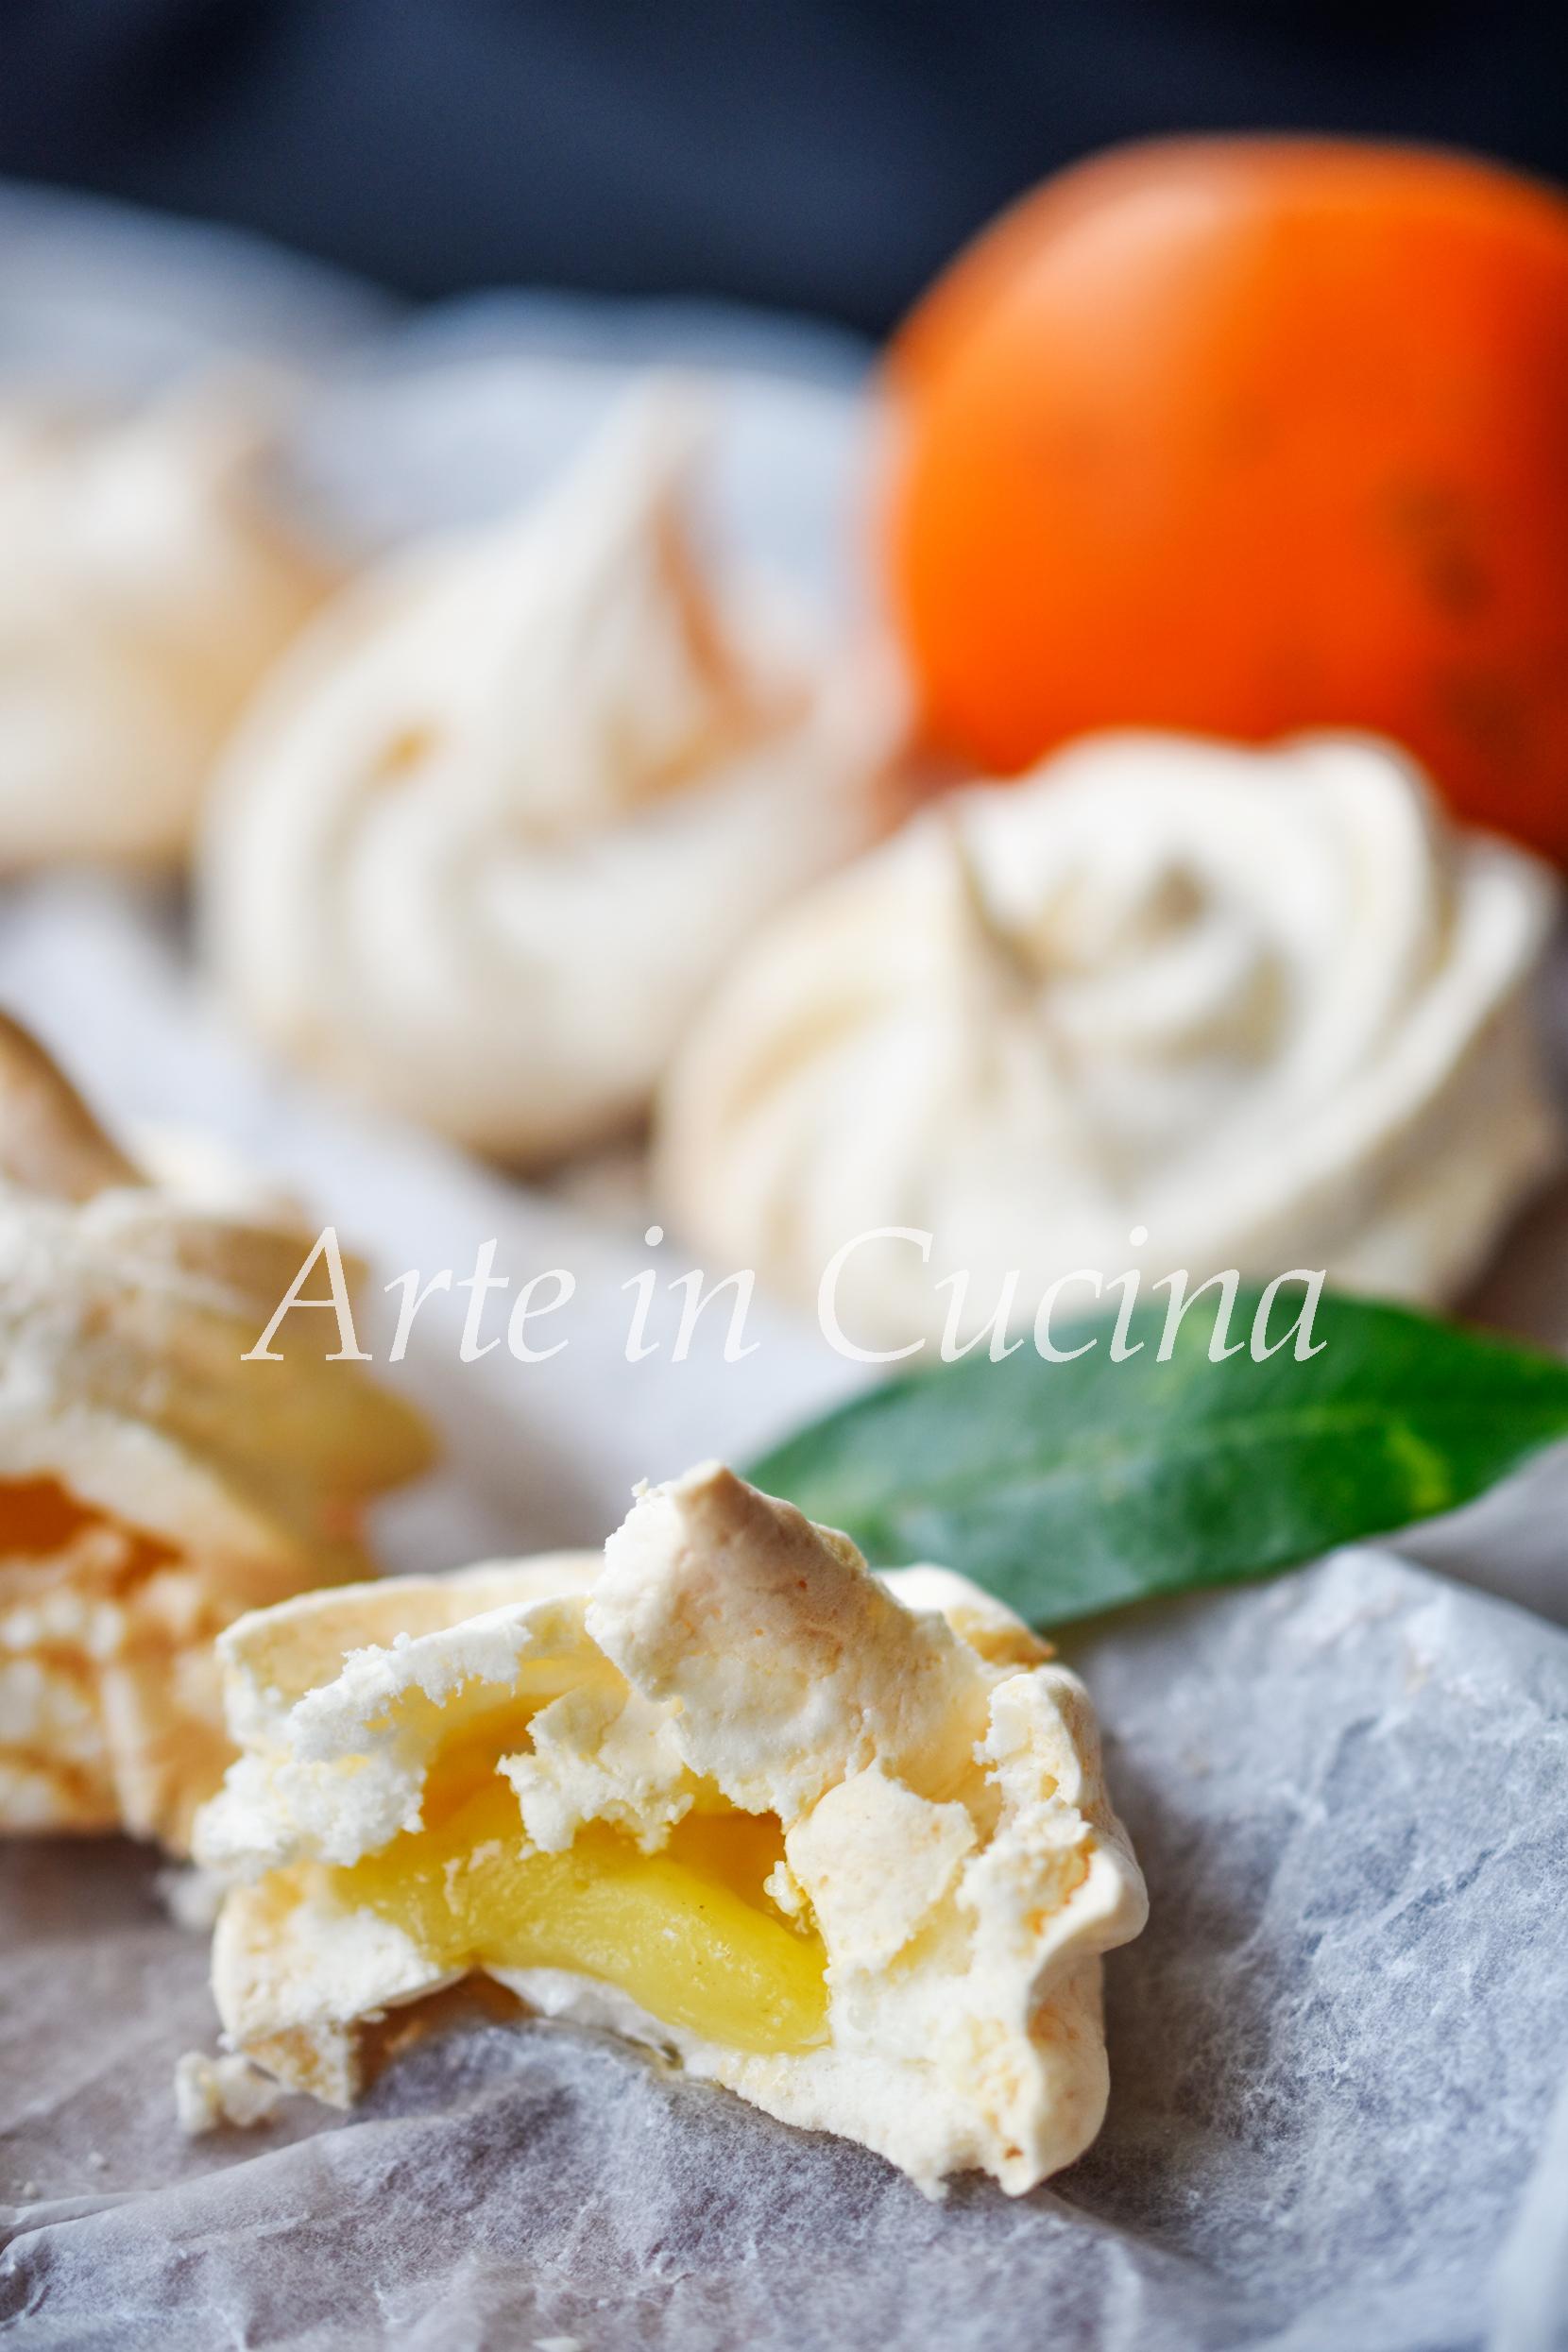 Meringhe con arancia ripiene di crema pasticcera vickyart arte in cucina